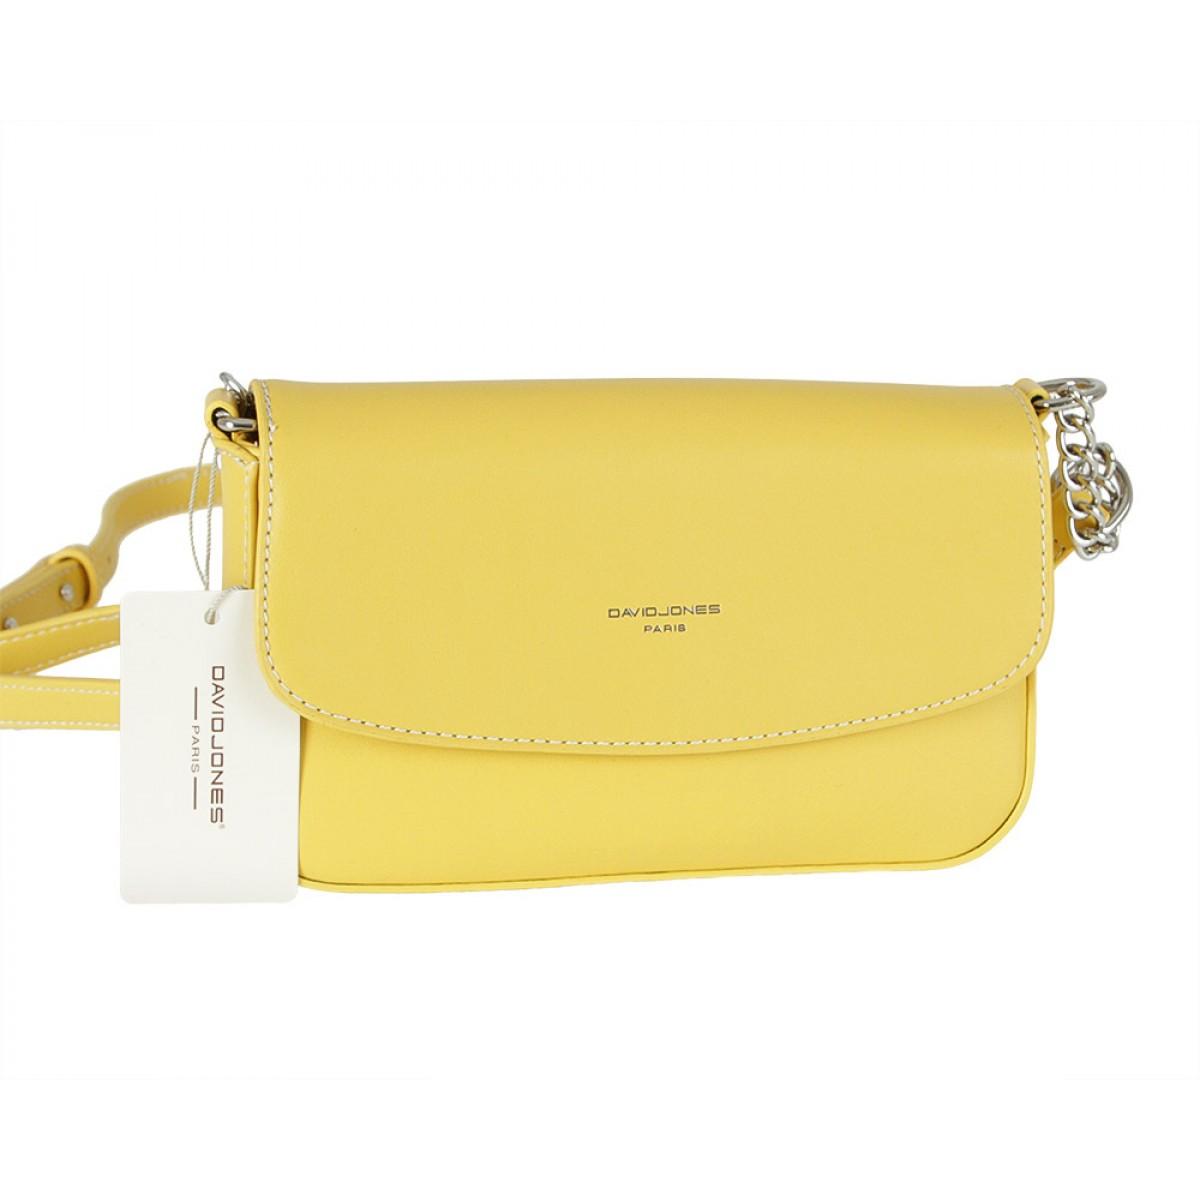 Жіноча сумка David Jones CM5635 YELLOW